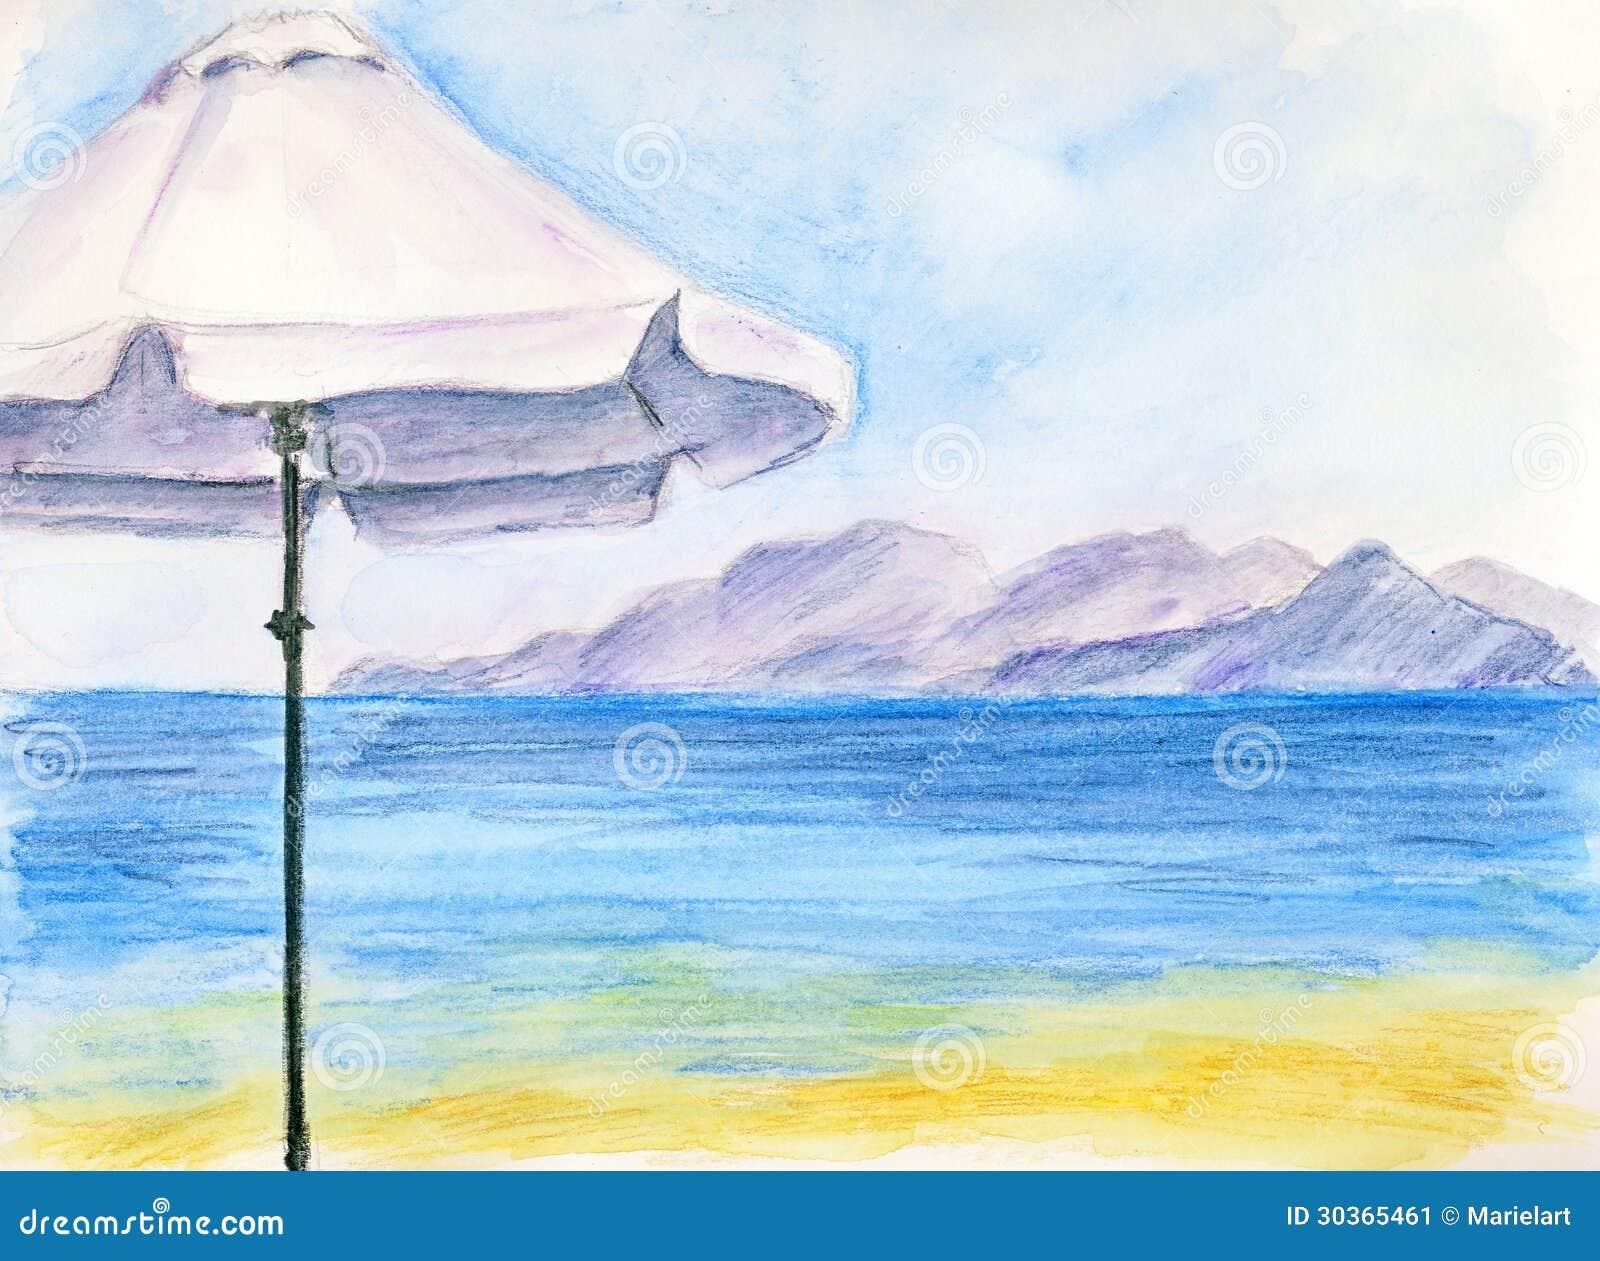 Beach chair and umbrella sketch - White Umbrella At The Beach